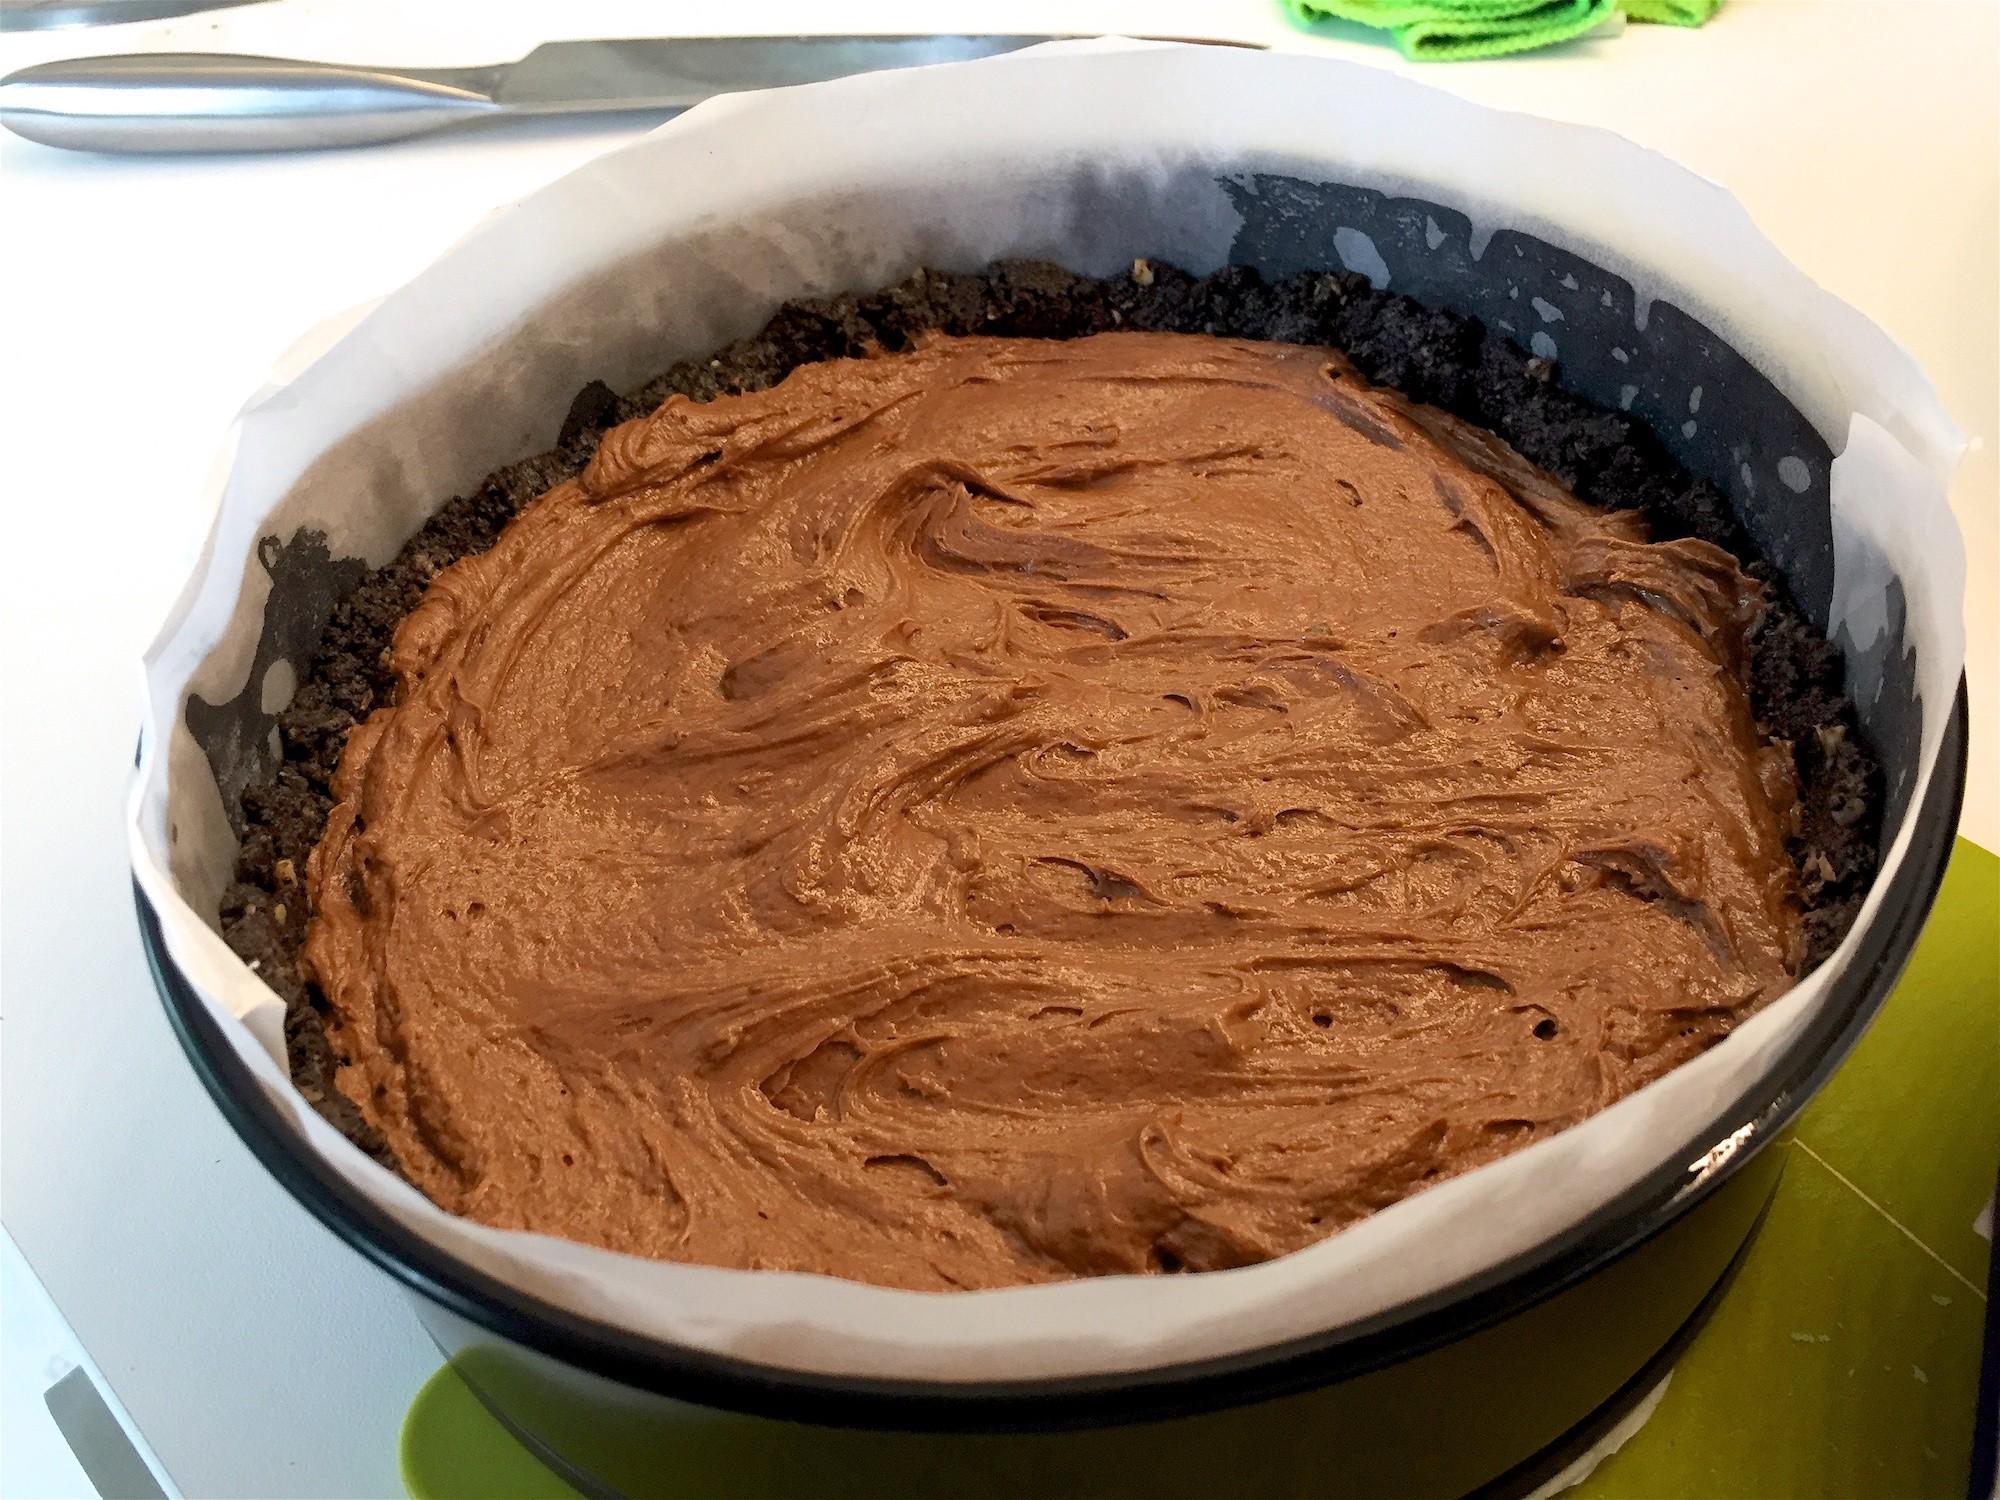 Recette de Cheesecake à base de Nutella - recette sur Pinterest